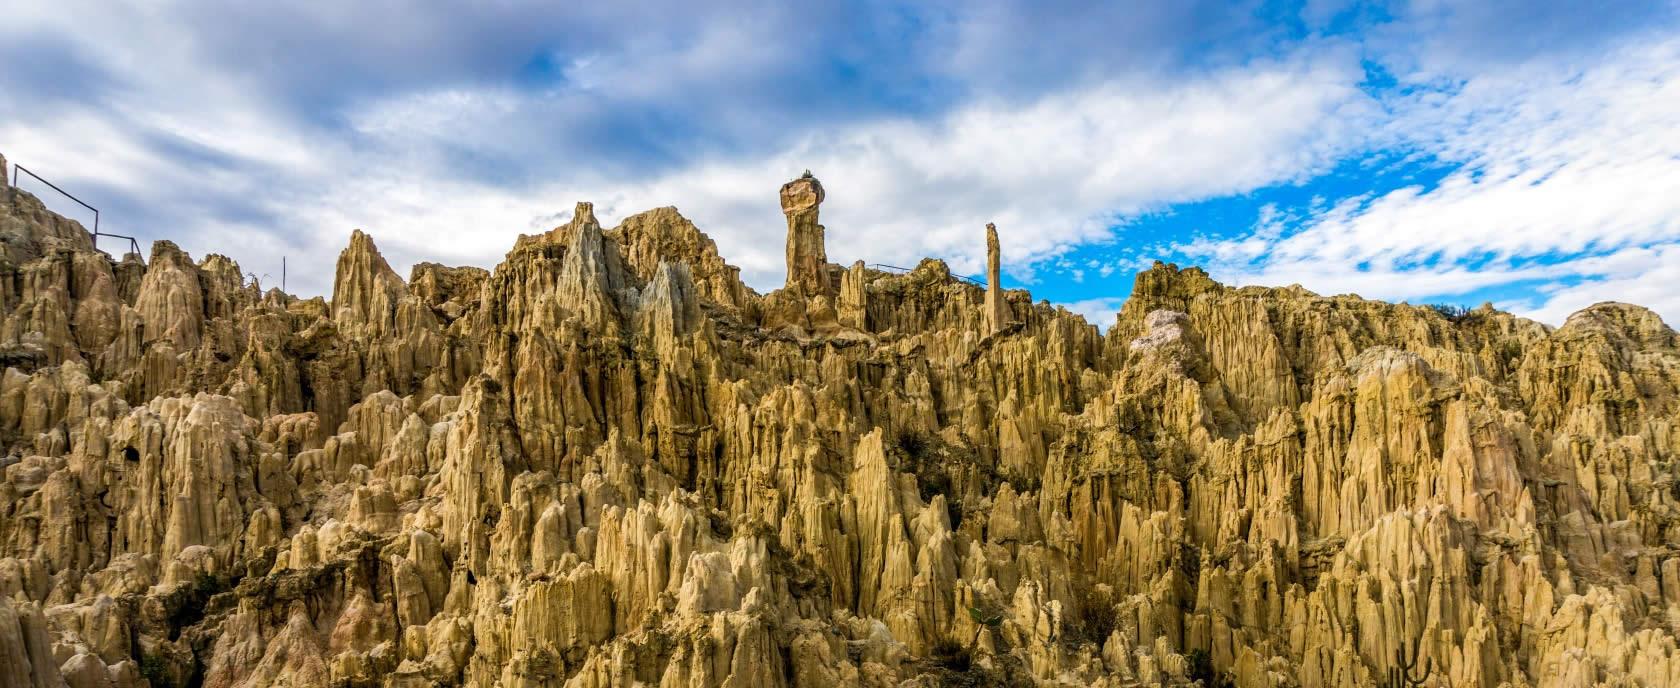 Valle La Paz de La Paz